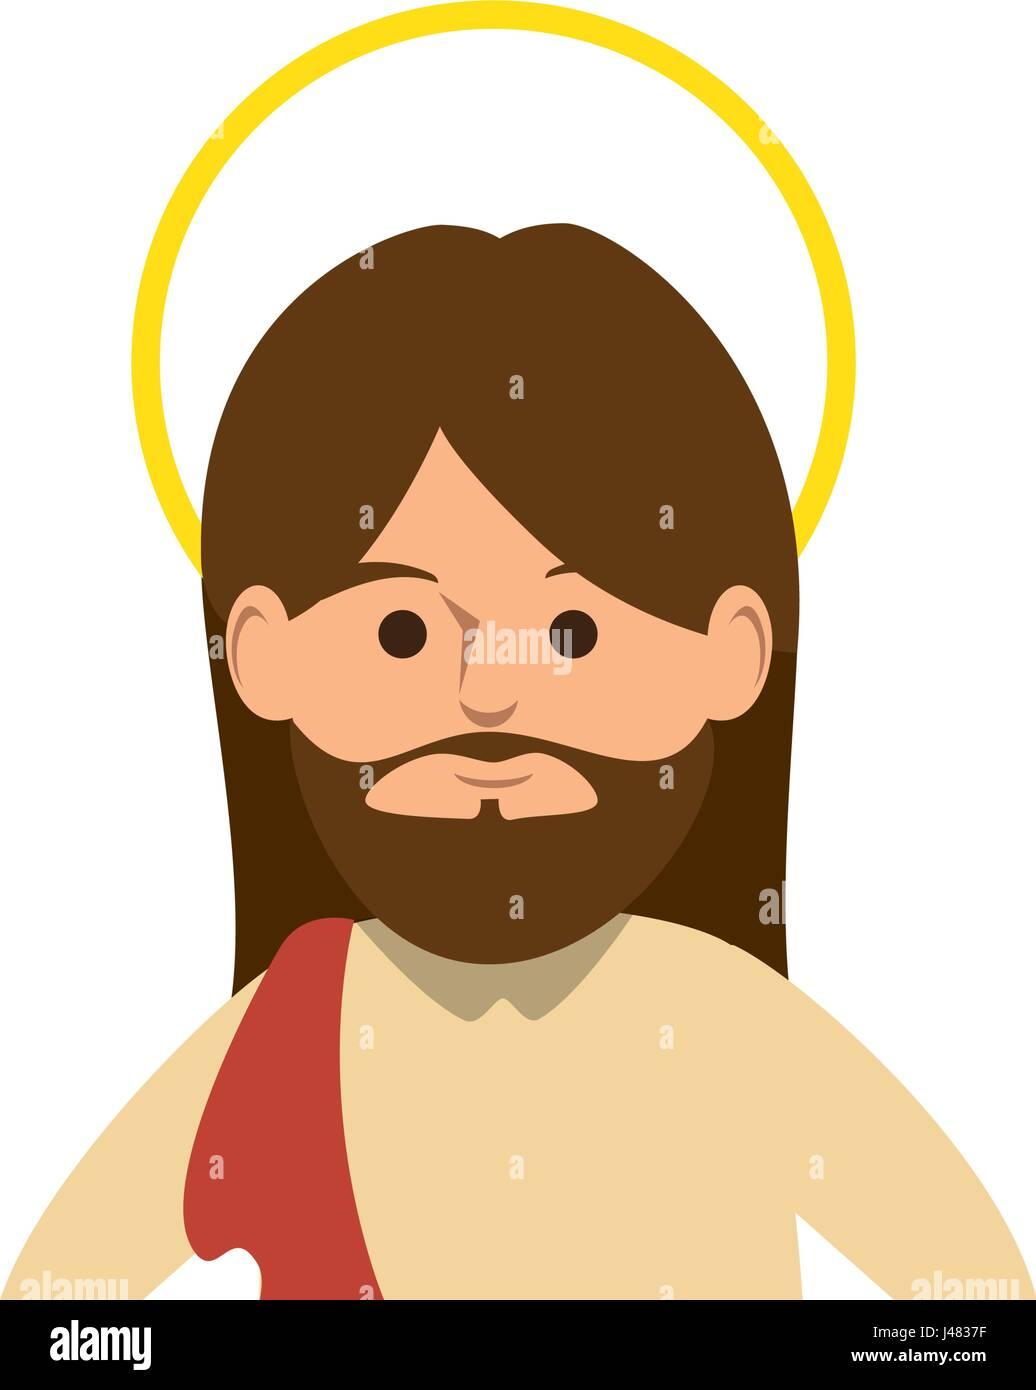 cartoon jesus christ  icon - Stock Image